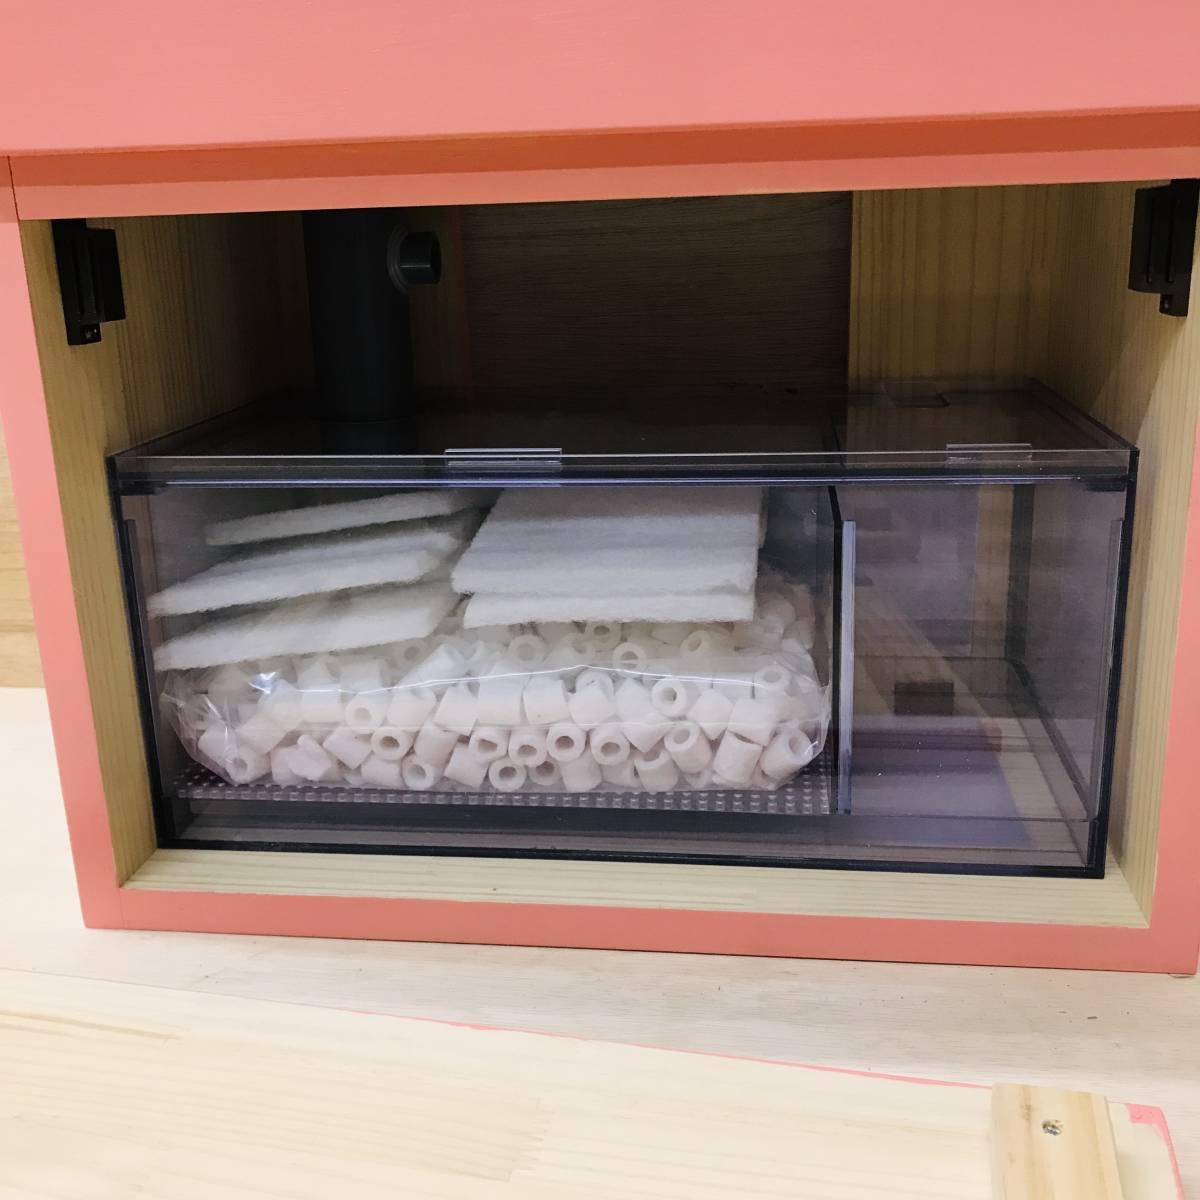 《100円スタート》アクア小型オーバーフロー水槽セット ピンク 新品 rio800 濾過槽、台ろ材セット 小型水槽/アクア/海水魚 ピンク_画像5